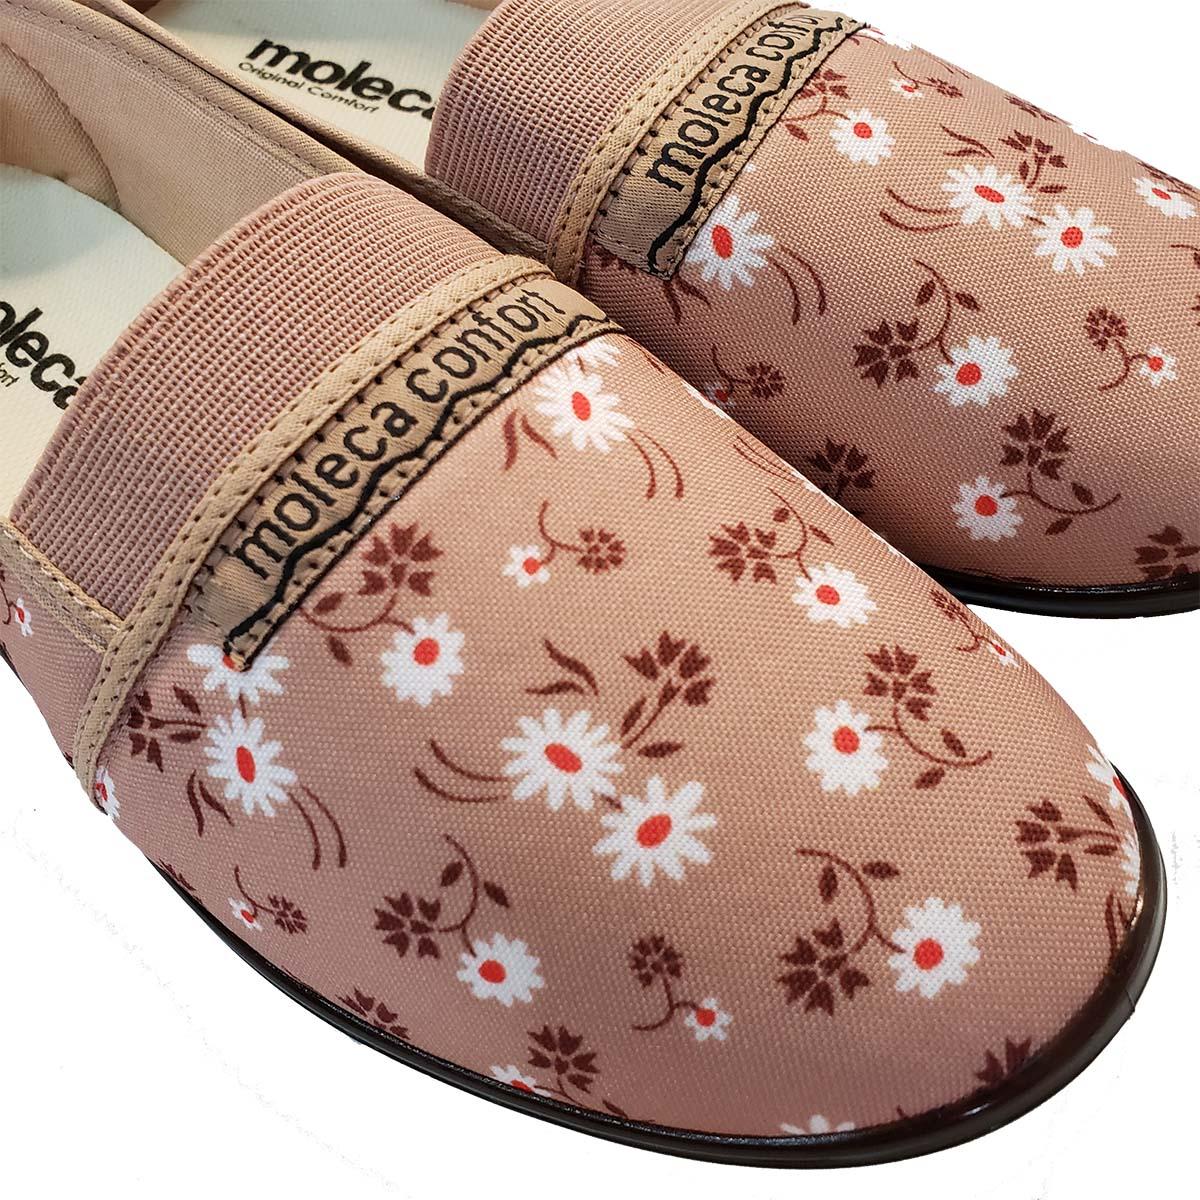 Sapatilha Moleca Confort Tradicional NUDE FLOR 520.59